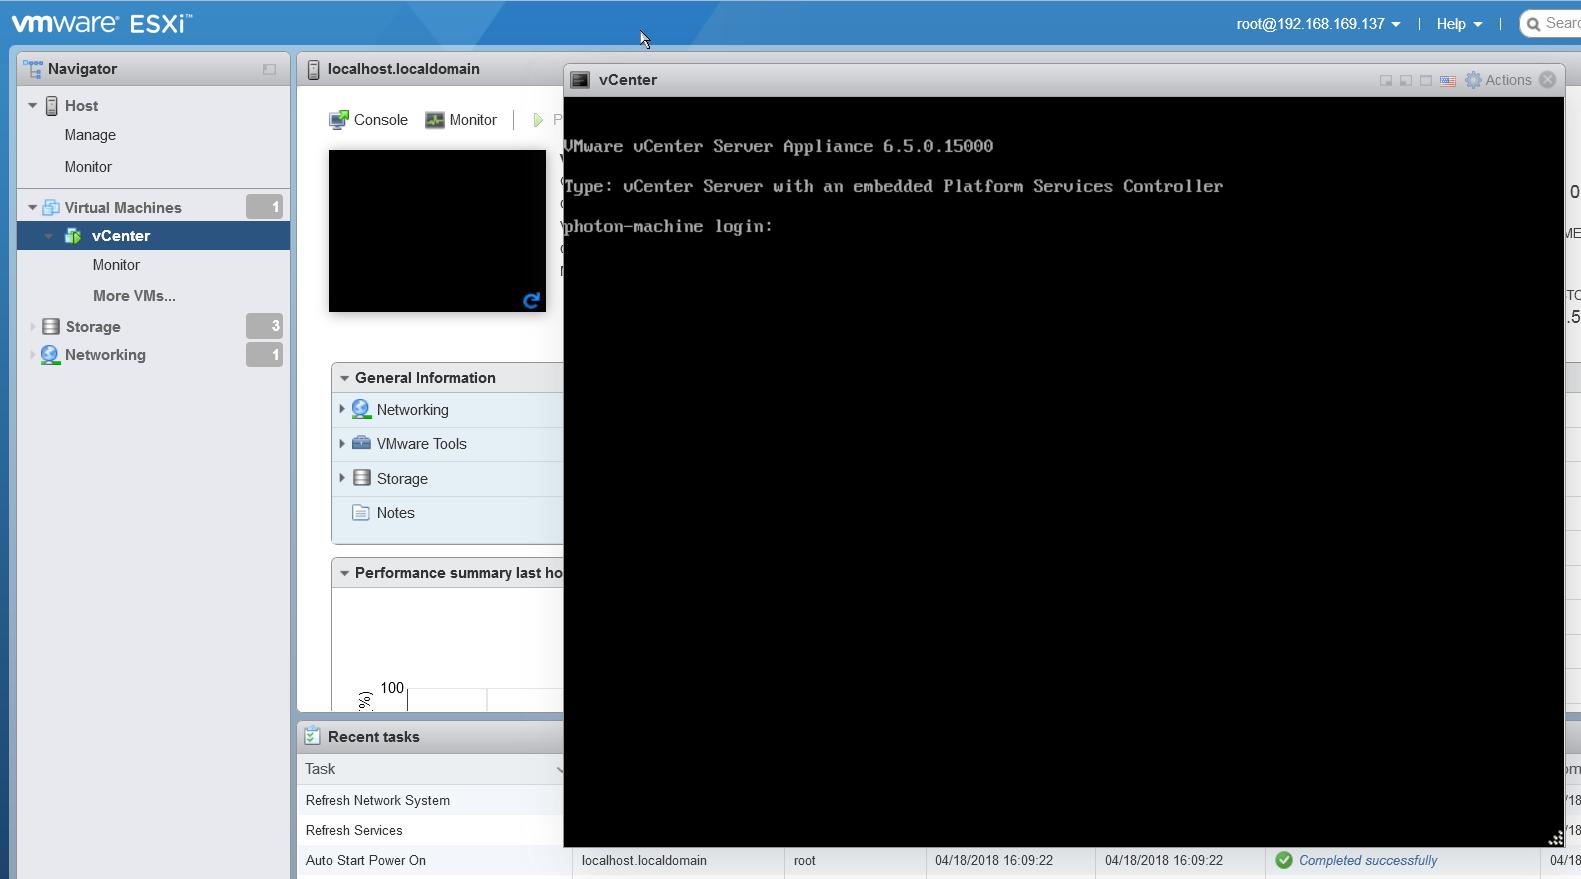 введите пароль vcenter server applicance